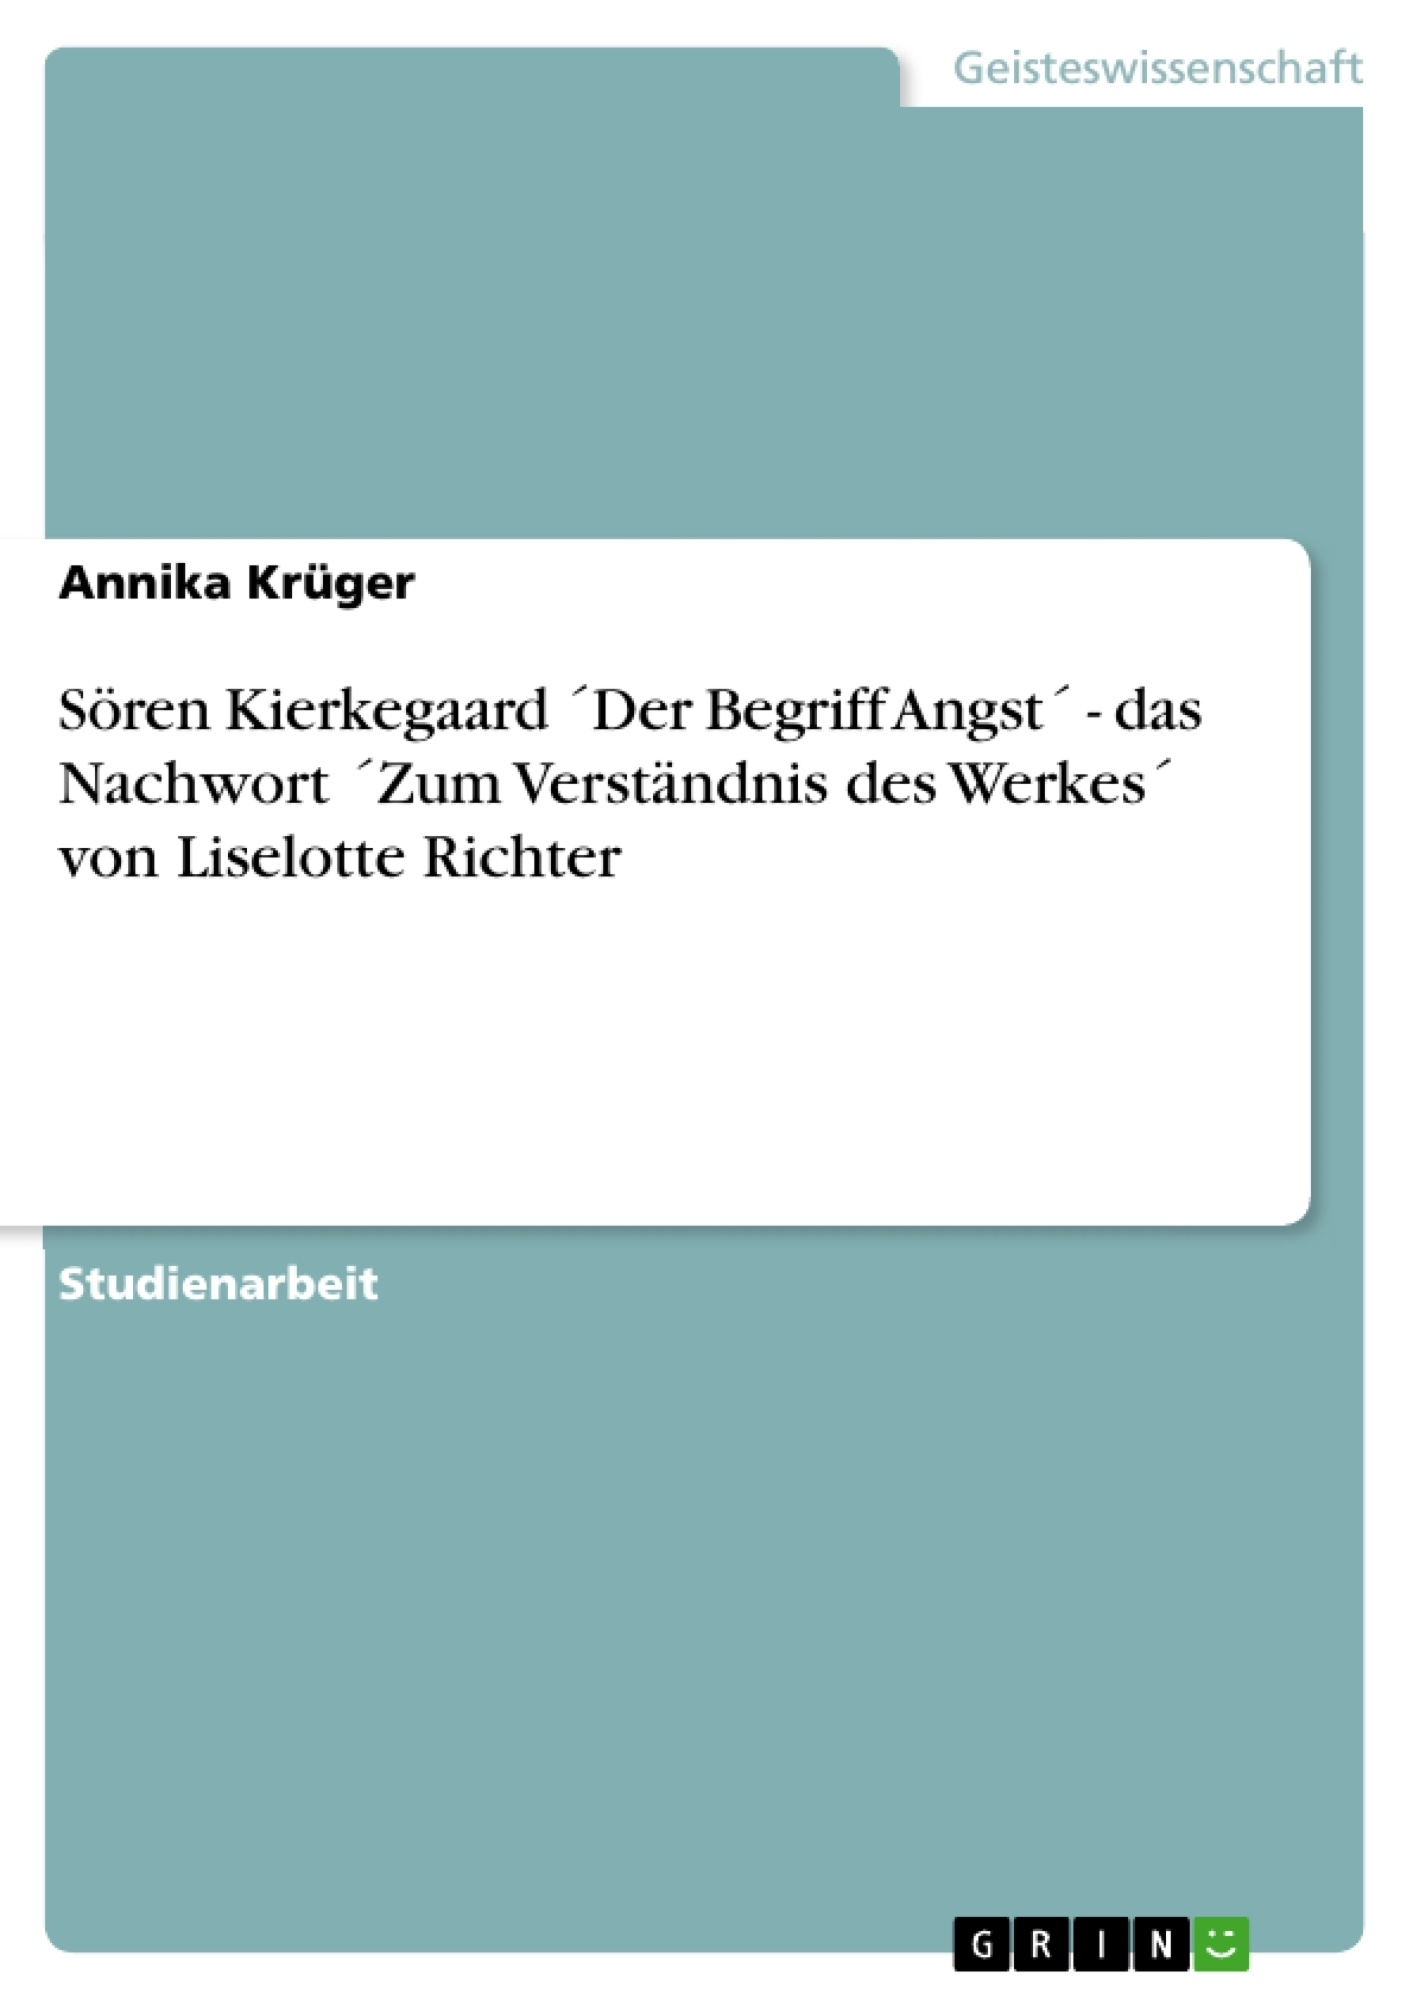 Titel: Sören Kierkegaard ´Der Begriff Angst´ - das Nachwort ´Zum Verständnis des Werkes´ von Liselotte Richter